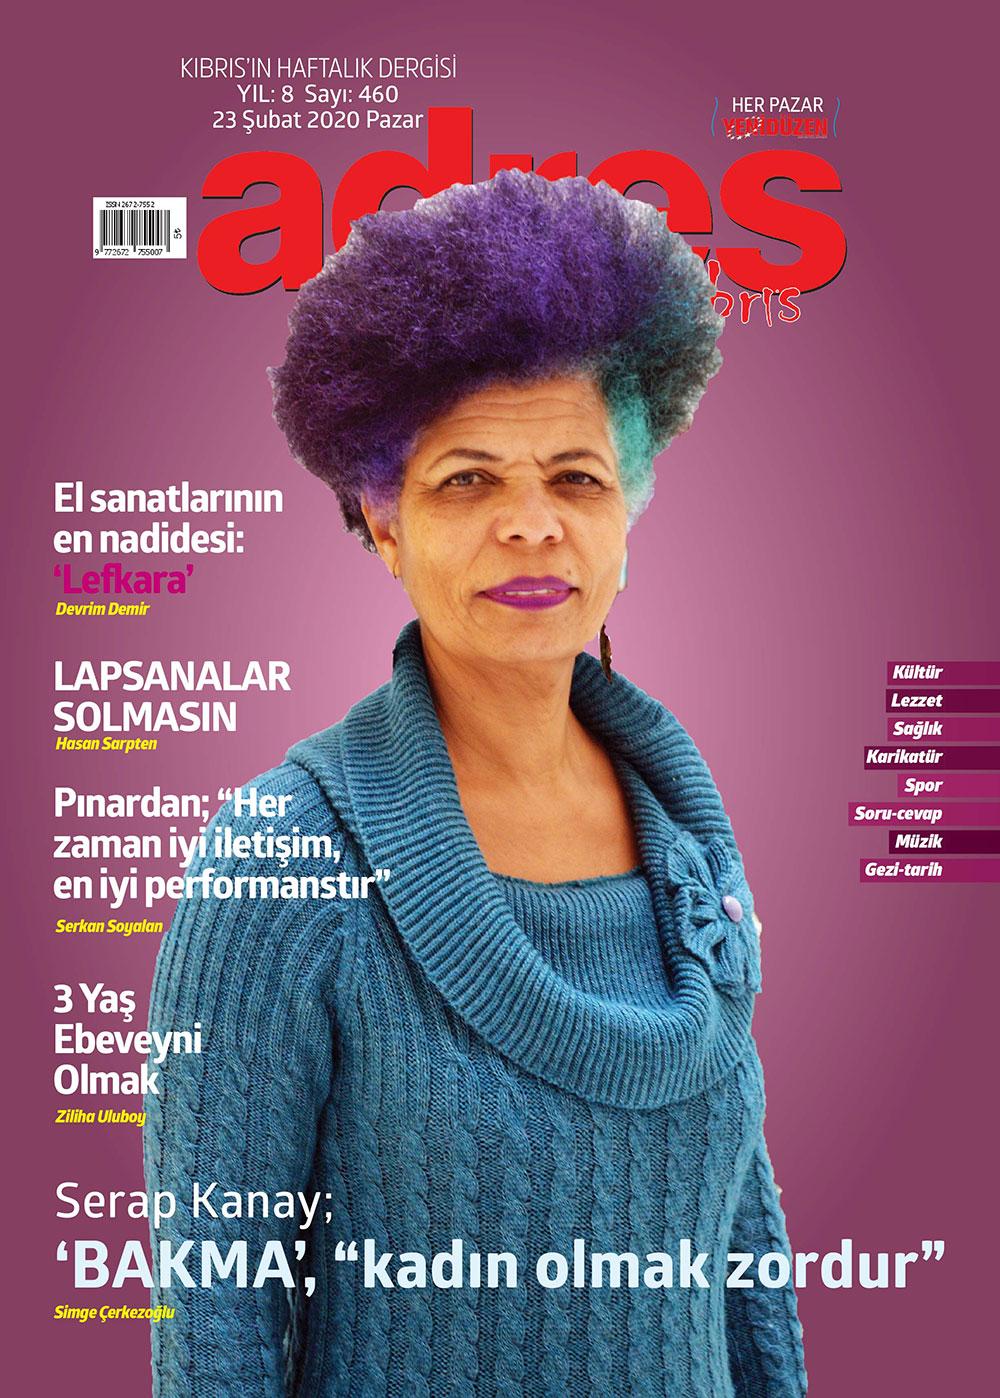 Adres Kıbrıs 460 Sayısı ISSN 2672-7560